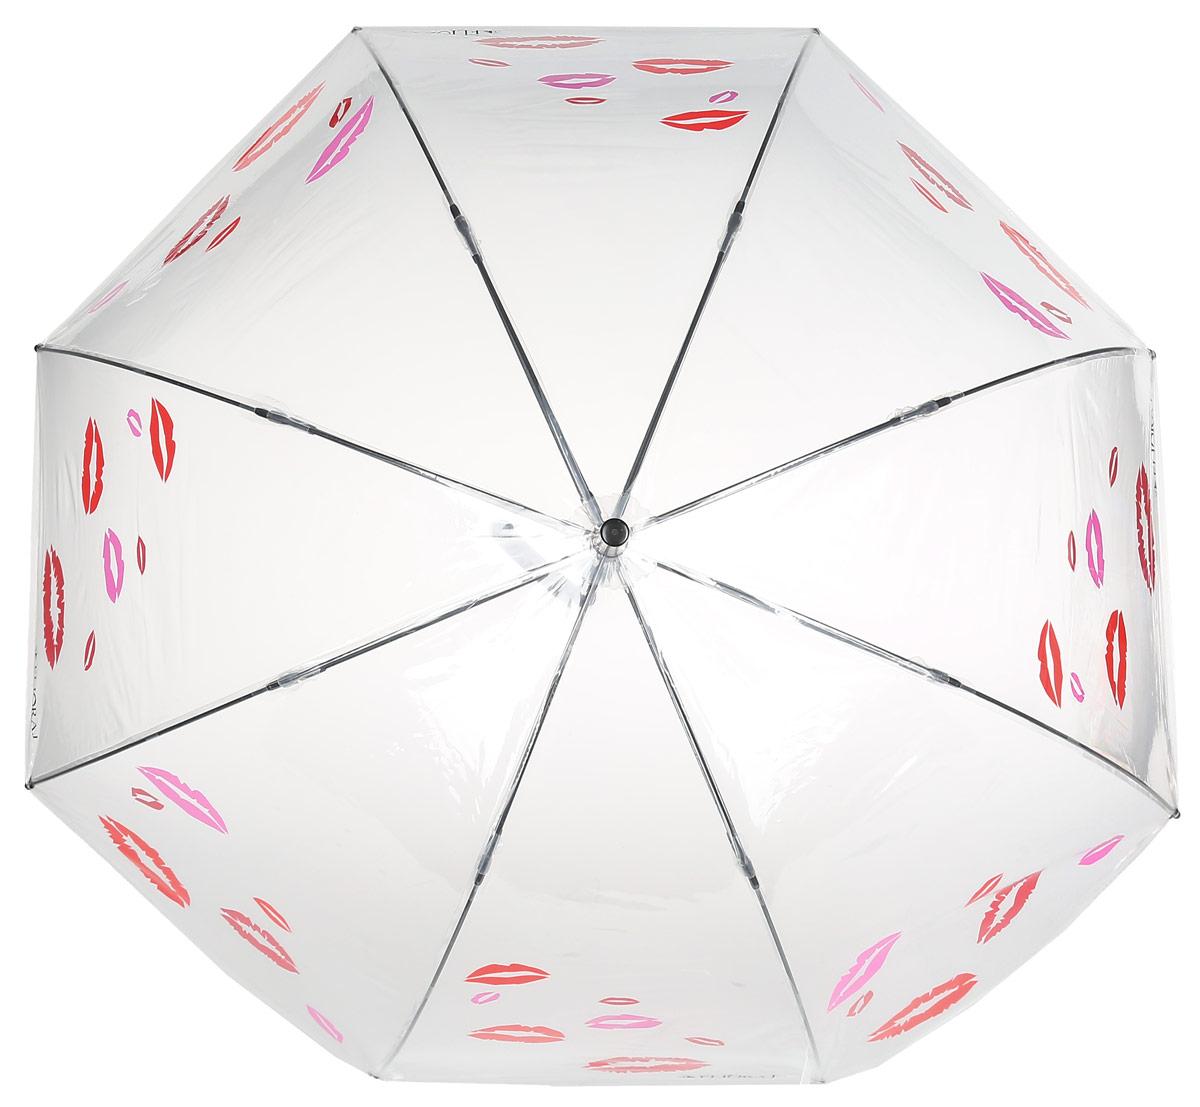 Зонт женский Flioraj, механика, трость, цвет: красный, белый. 121204 FJ121204 FJЭлегантный зонт FJ. Уникальный каркас из анодированной стали, карбоновые спицы помогут выдержать натиск ураганного ветра. Улучшенный механизм зонта, максимально комфортная ручка держателя, увеличенный в длину стержень, тефлоновая пропитка материала купола - совершенство конструкции с изысканностью изделия на фоне конкурентоспособной цены.